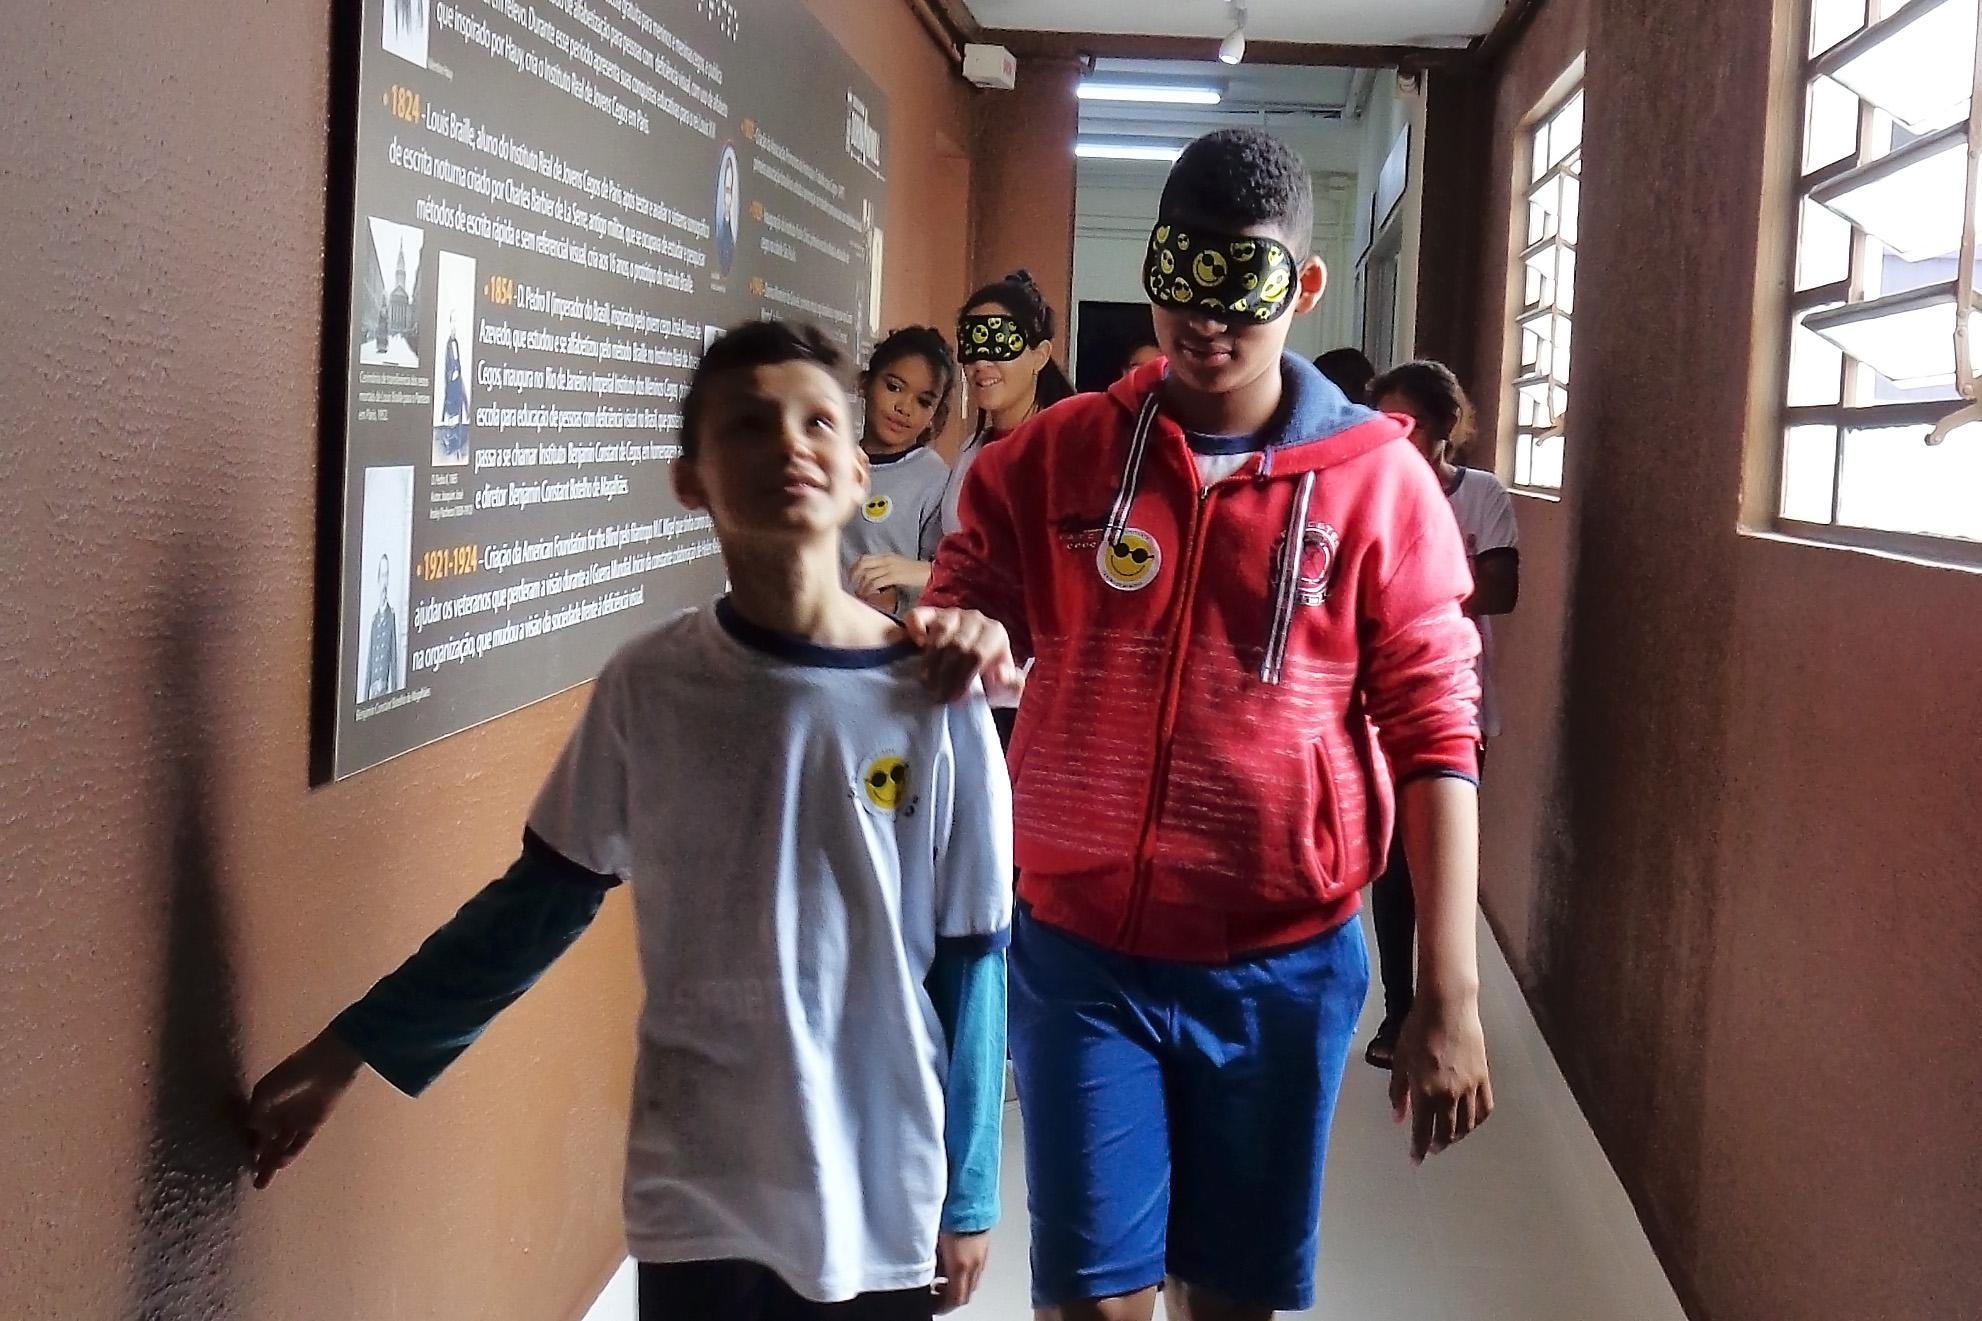 Foto de dois meninos em um dos corredores da Fundação Dorina. Um deles está vendado e com a mão no ombro do colega. Atrás deles há um grupo de crianças.